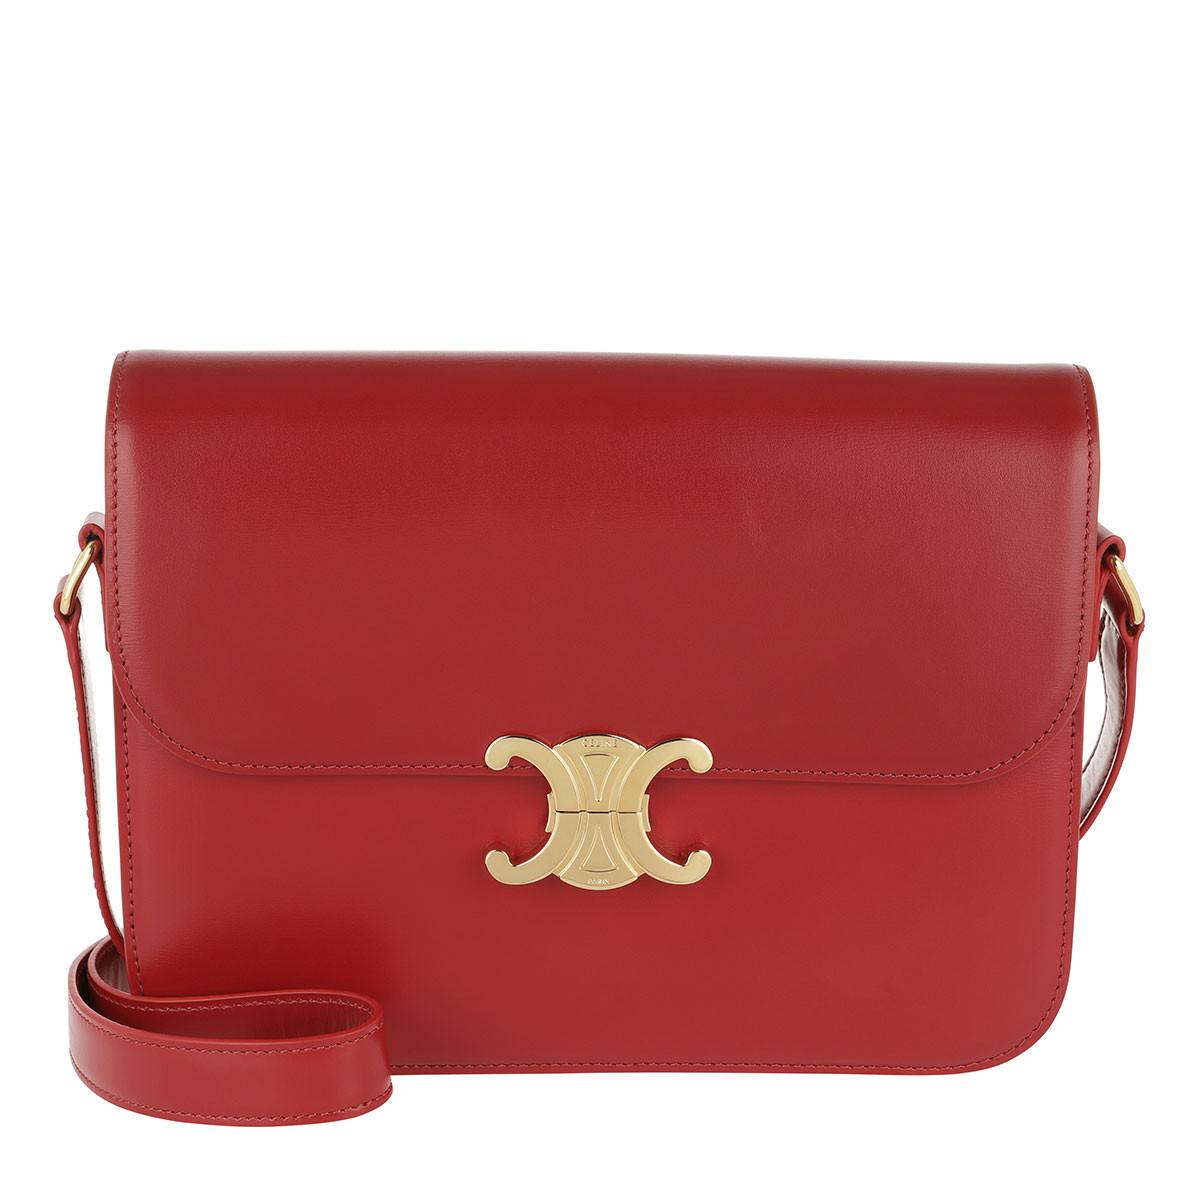 Celine Umhängetasche - Triomphe Bag Large Leather Red - in rot - für Damen